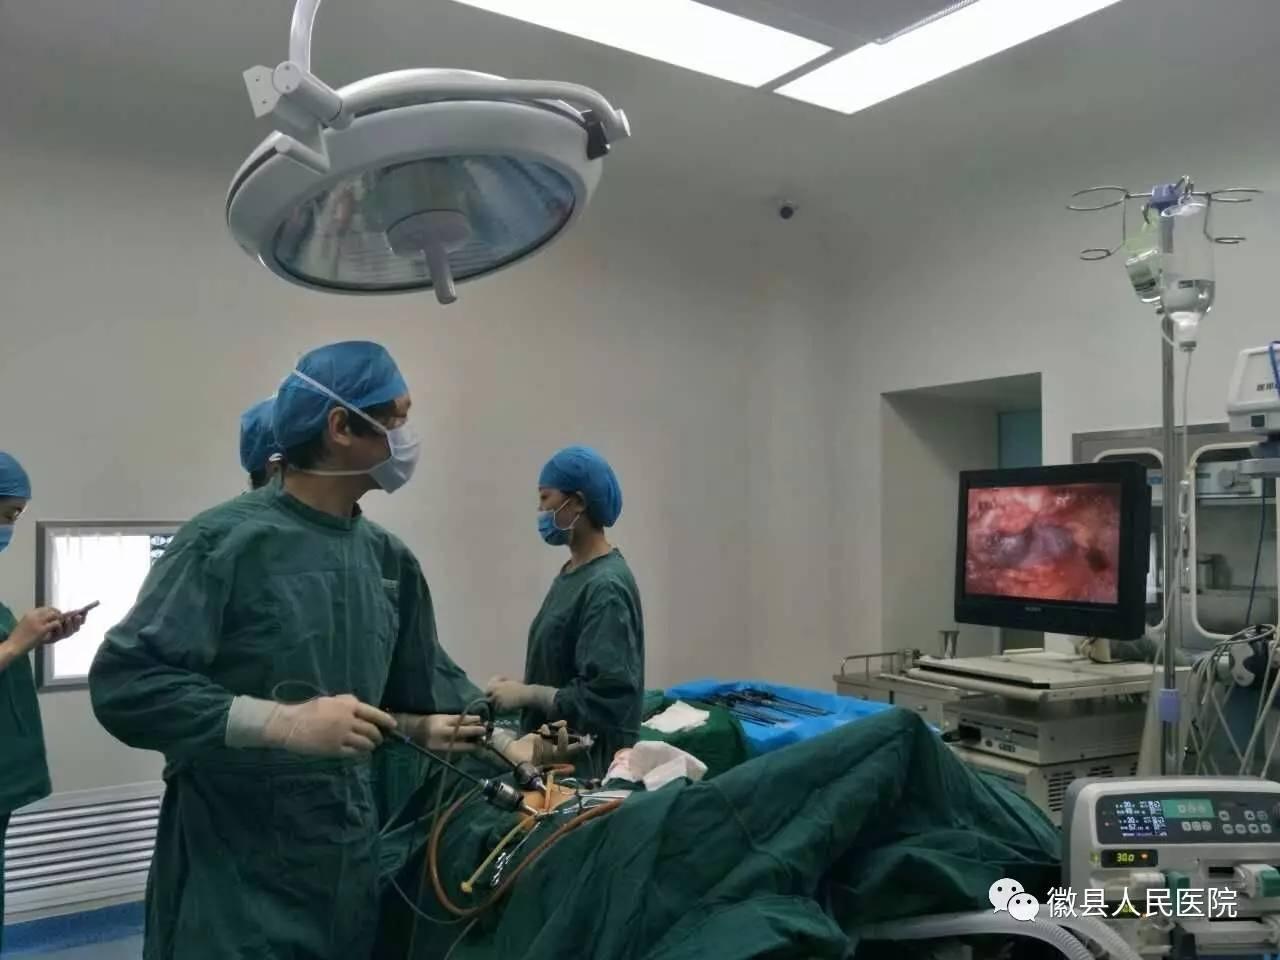 肾结石手术后_输尿管结石做微创手术放在里面的管子要怎么取出-做完肾结石 ...